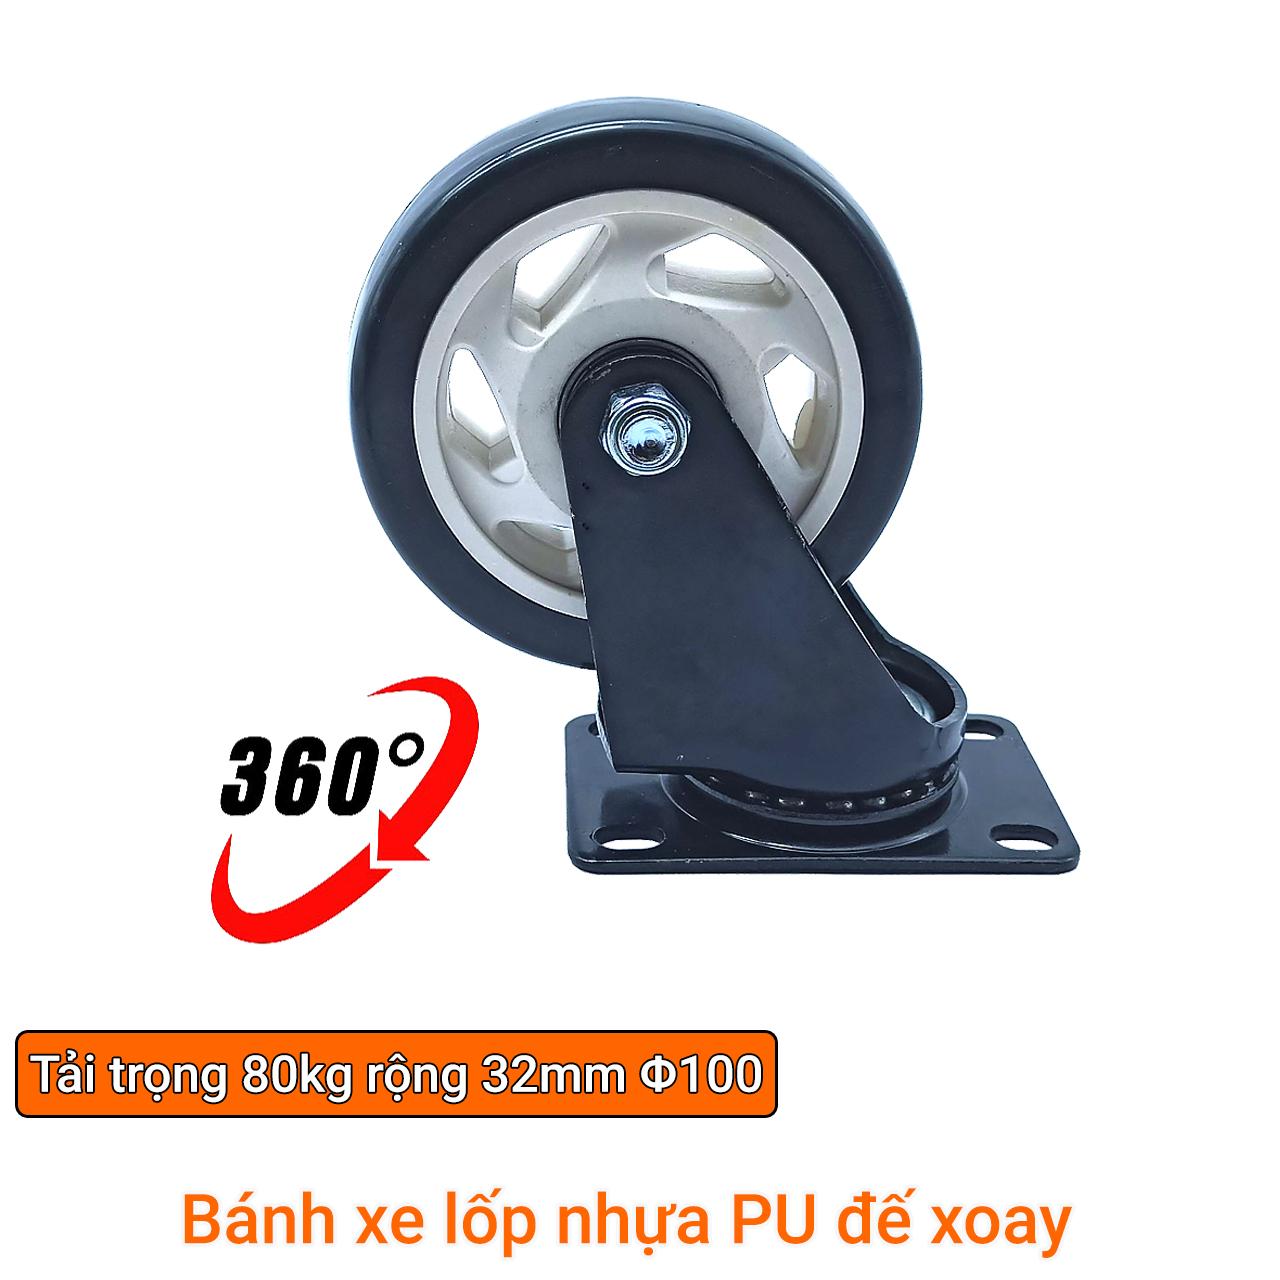 Bánh xe đẩy mặt đế xoay càng sắt tải trọng 80kg lốp nhựa PU đen rộng 32mm Φ100mm